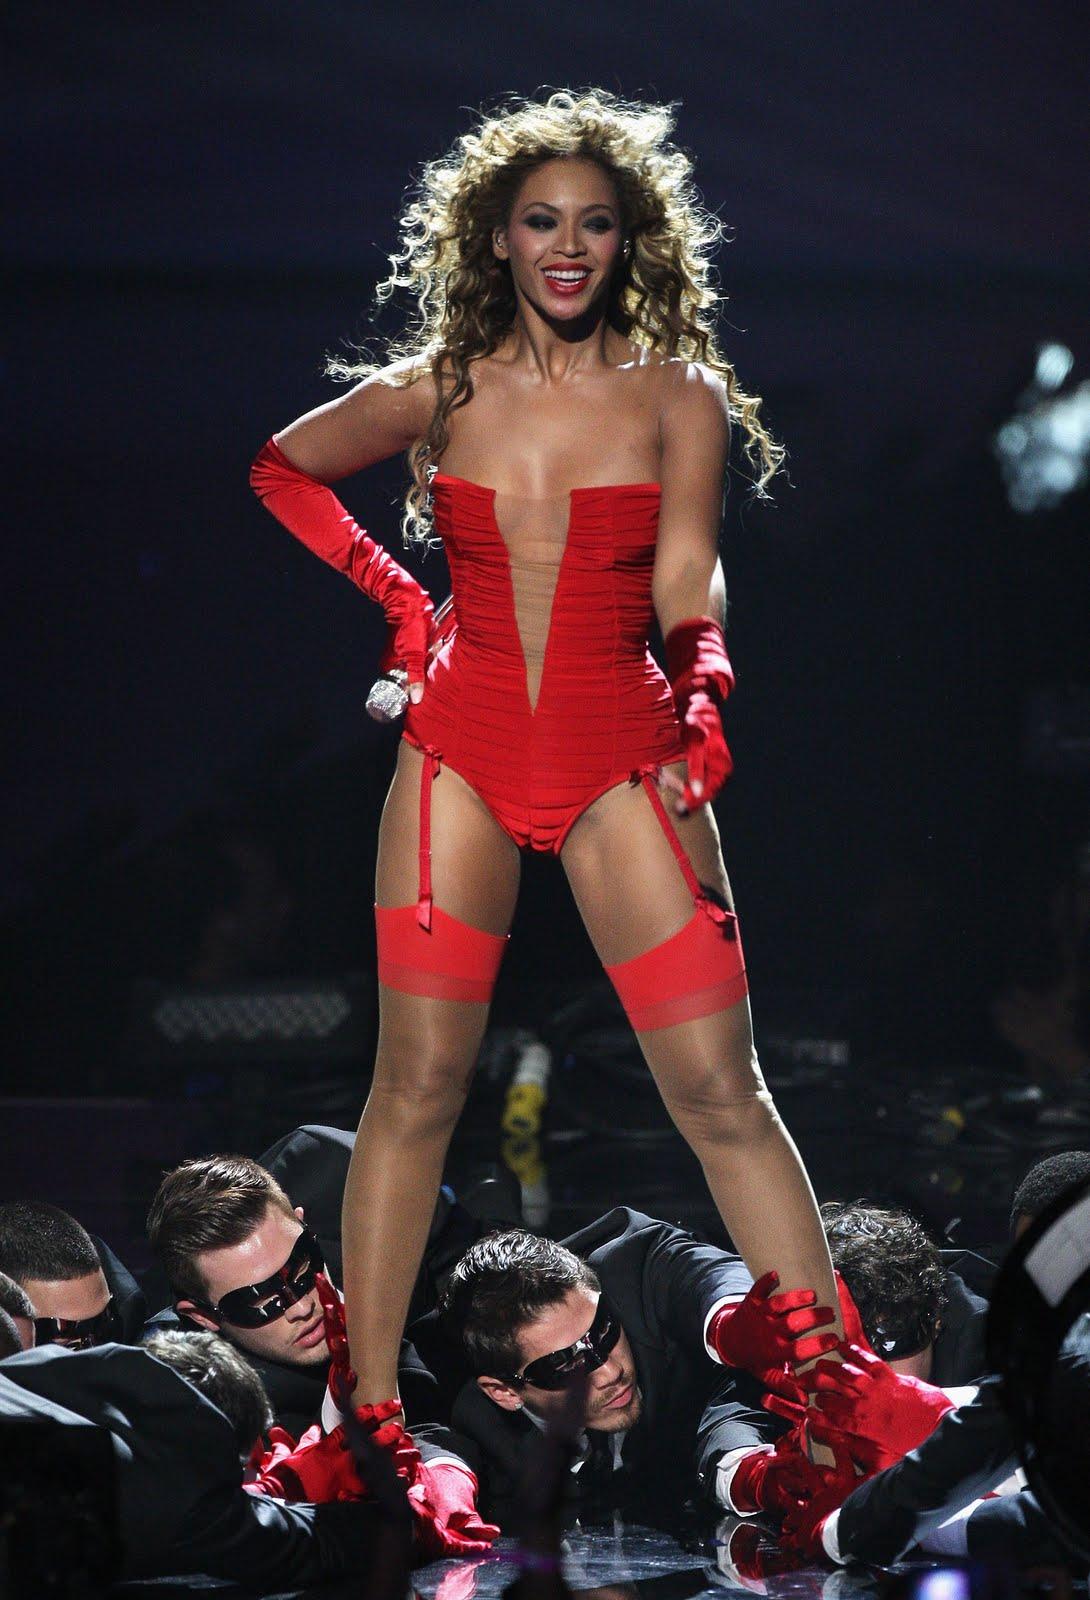 http://3.bp.blogspot.com/-Qa8YWxZGg5U/Tdq8fYCkZuI/AAAAAAAAIyg/LhddKqRQsrI/s1600/BeyonceMTV10.jpg